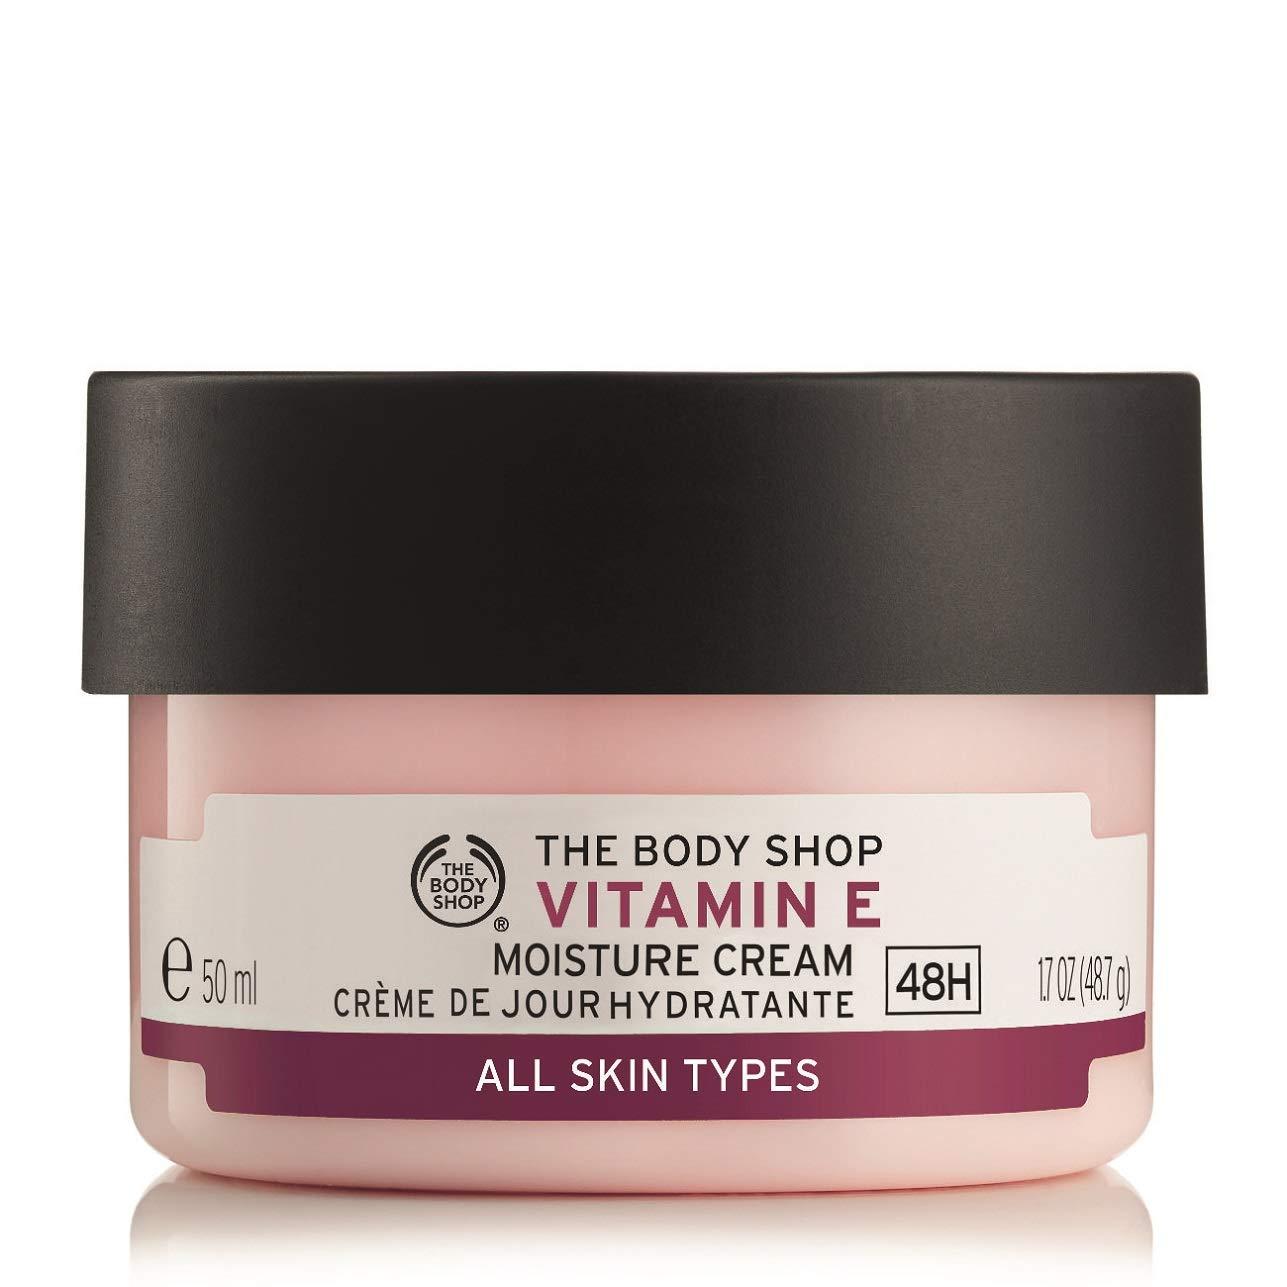 The Body Shop Vitamin E Moisture Cream, Paraben-Free Facial Cream, 1.7 Oz